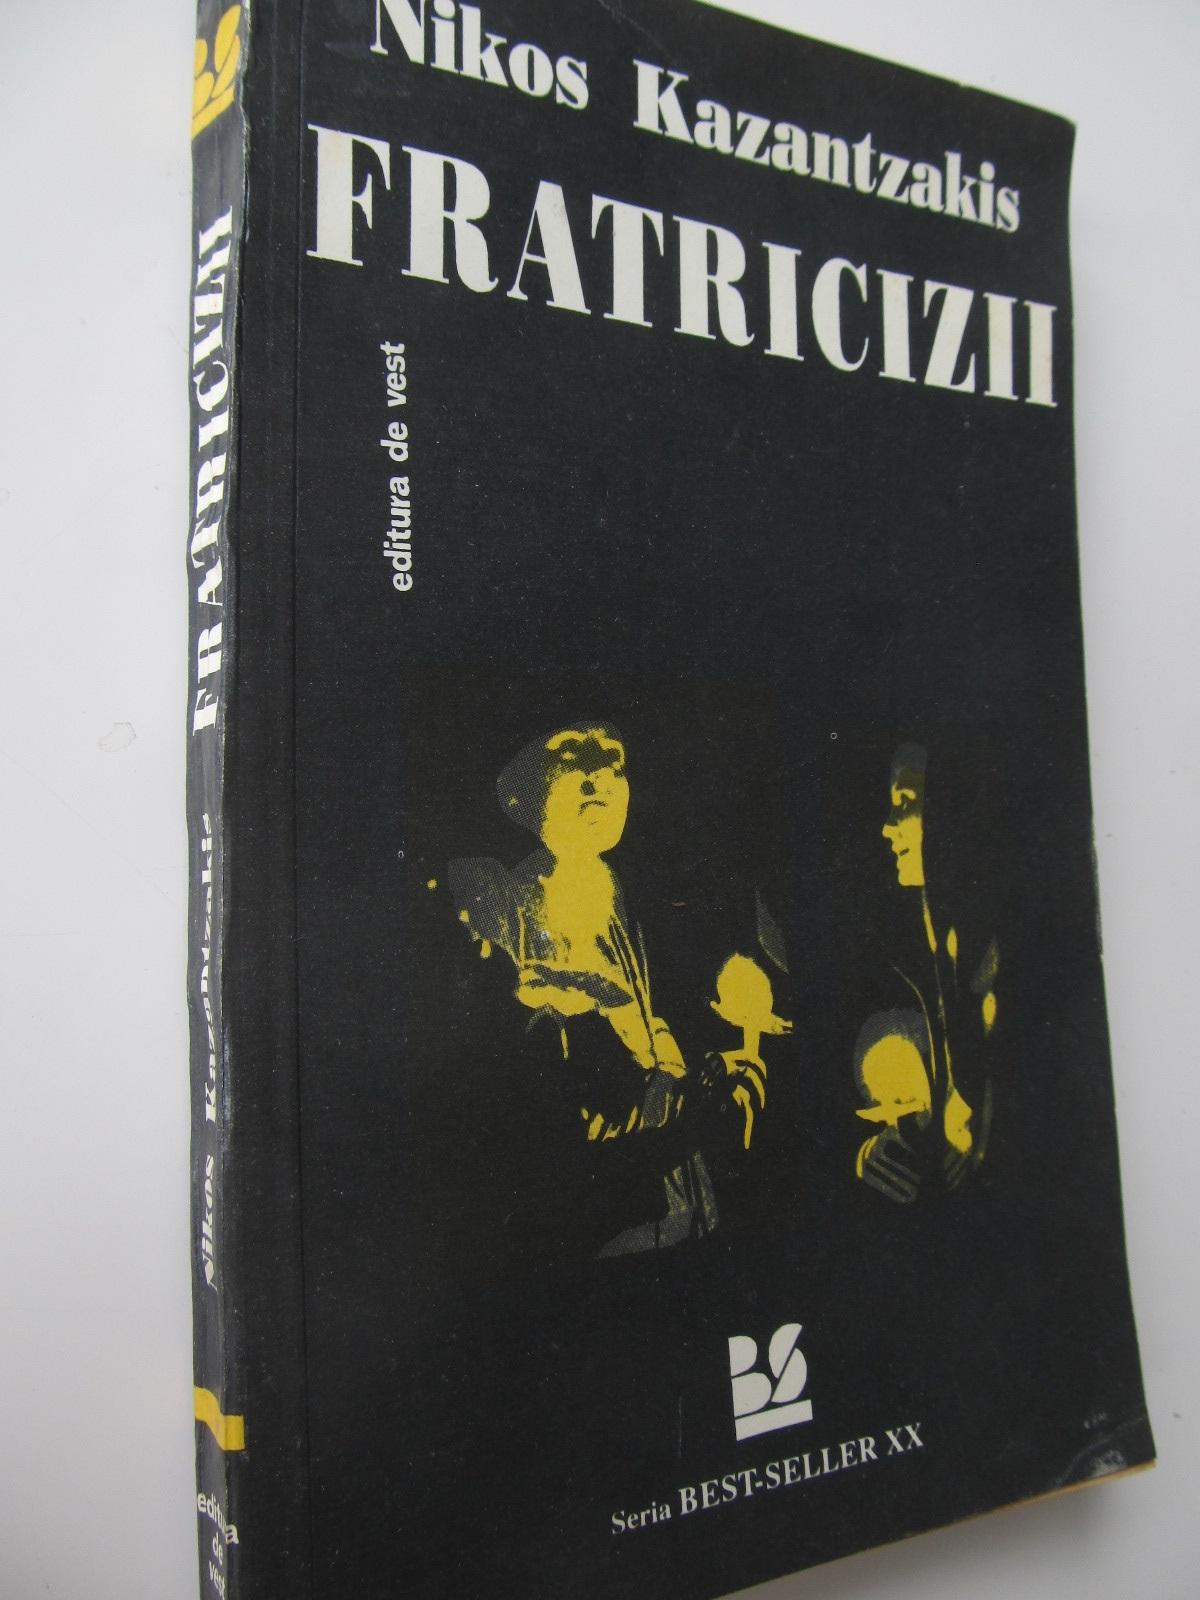 Fratricizii - Nokos Kazantzakis | Detalii carte